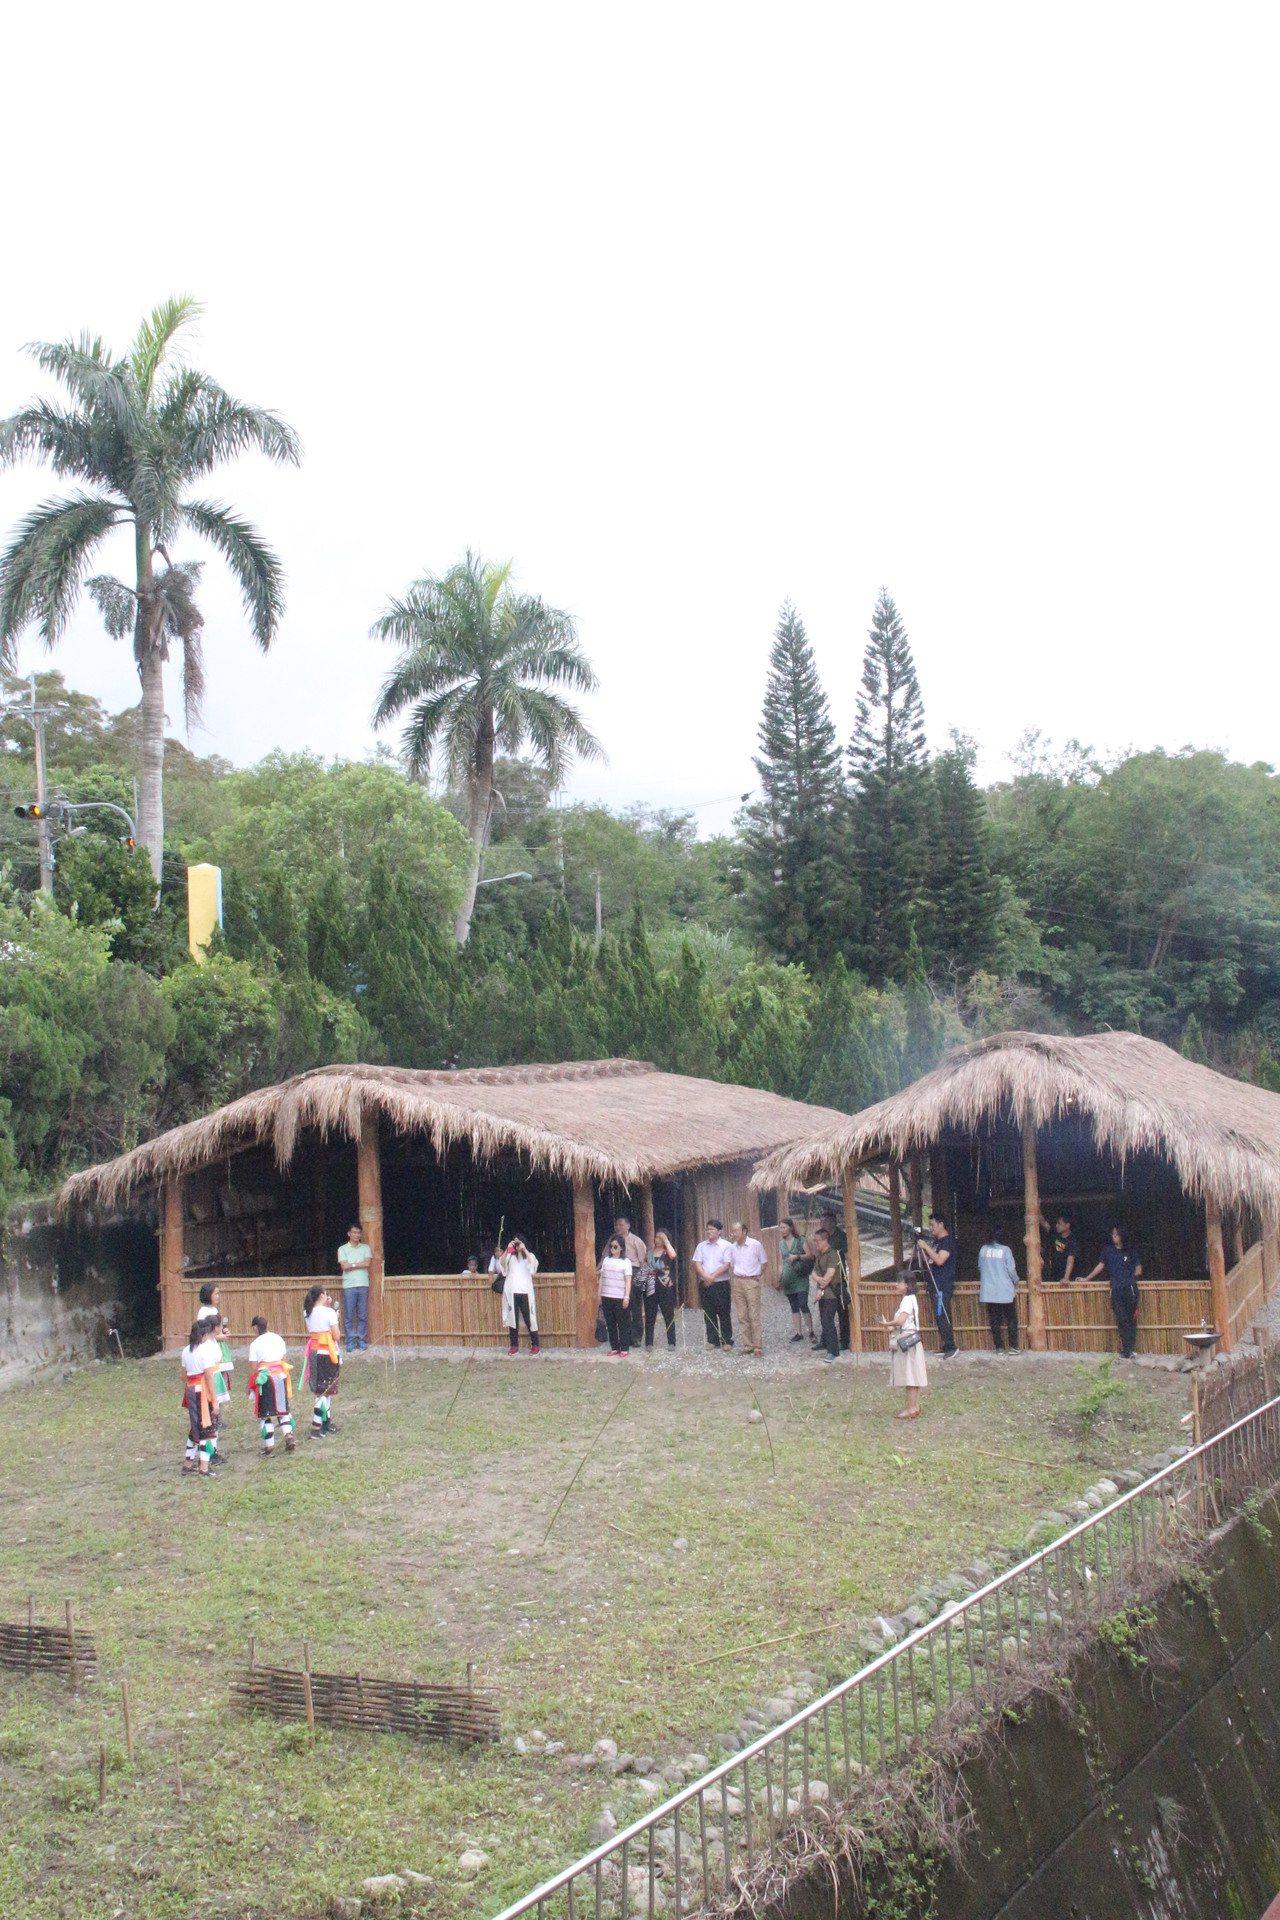 花蓮縣永豐國小獲得部落族人全力支持,在校內打造兩棟阿美族傳統屋,成為校園亮點。圖...